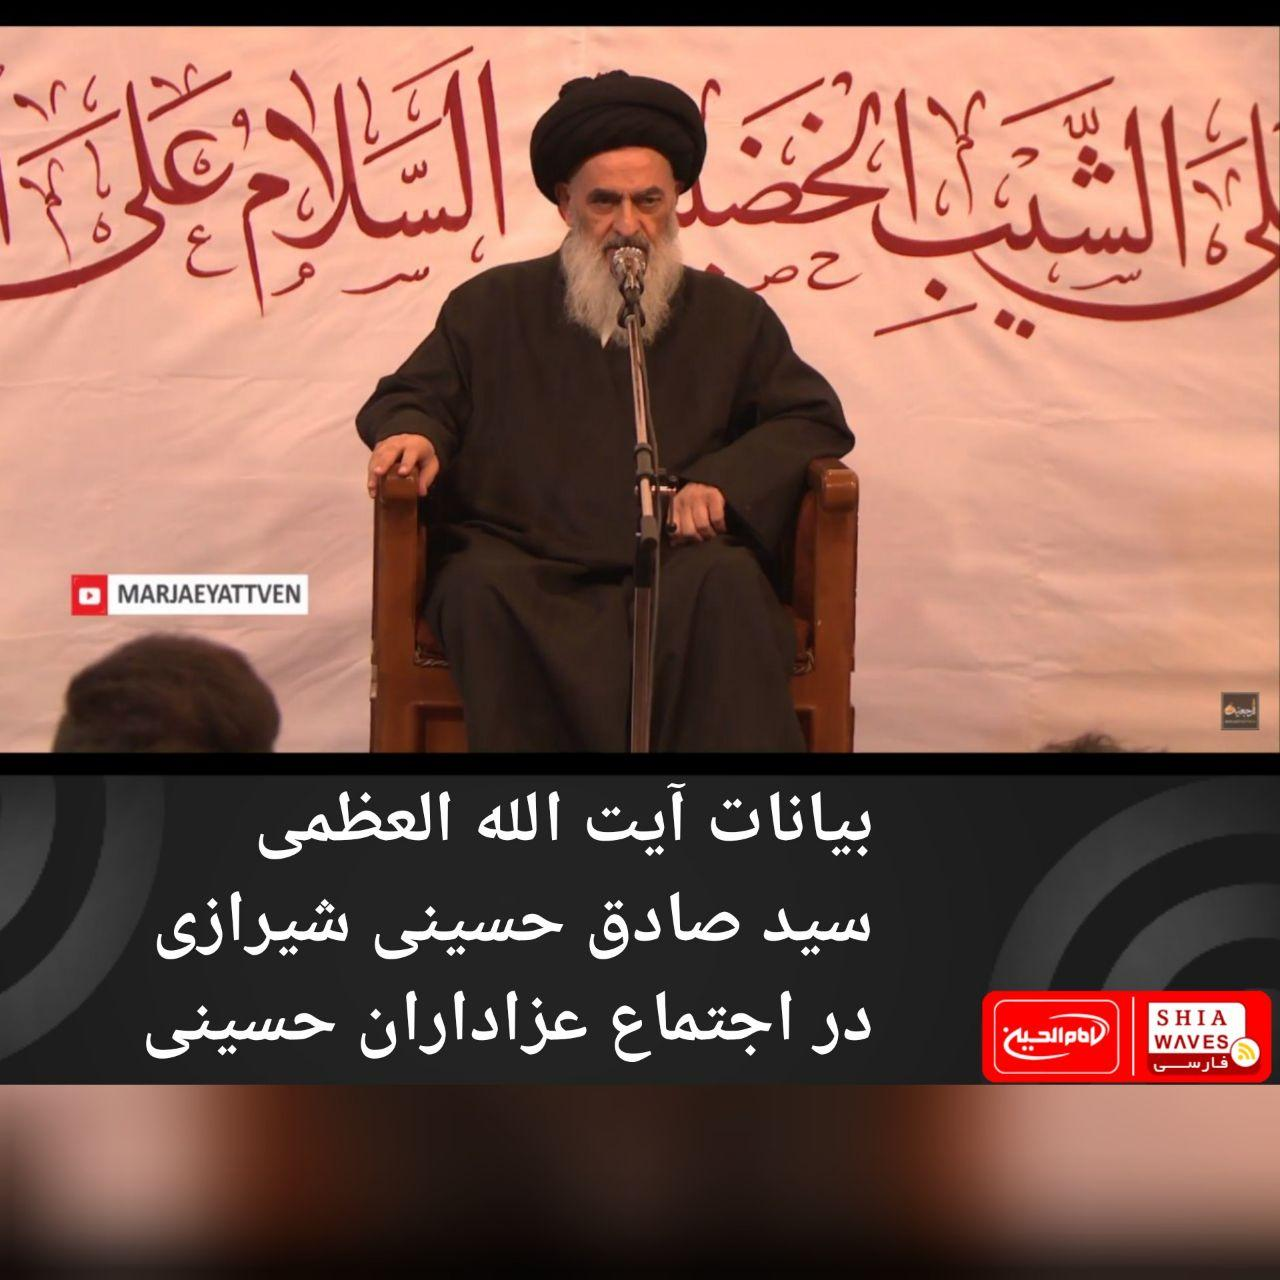 تصویر بیانات آیت الله العظمی سید صادق حسینی شیرازی در اجتماع عزاداران حسینی